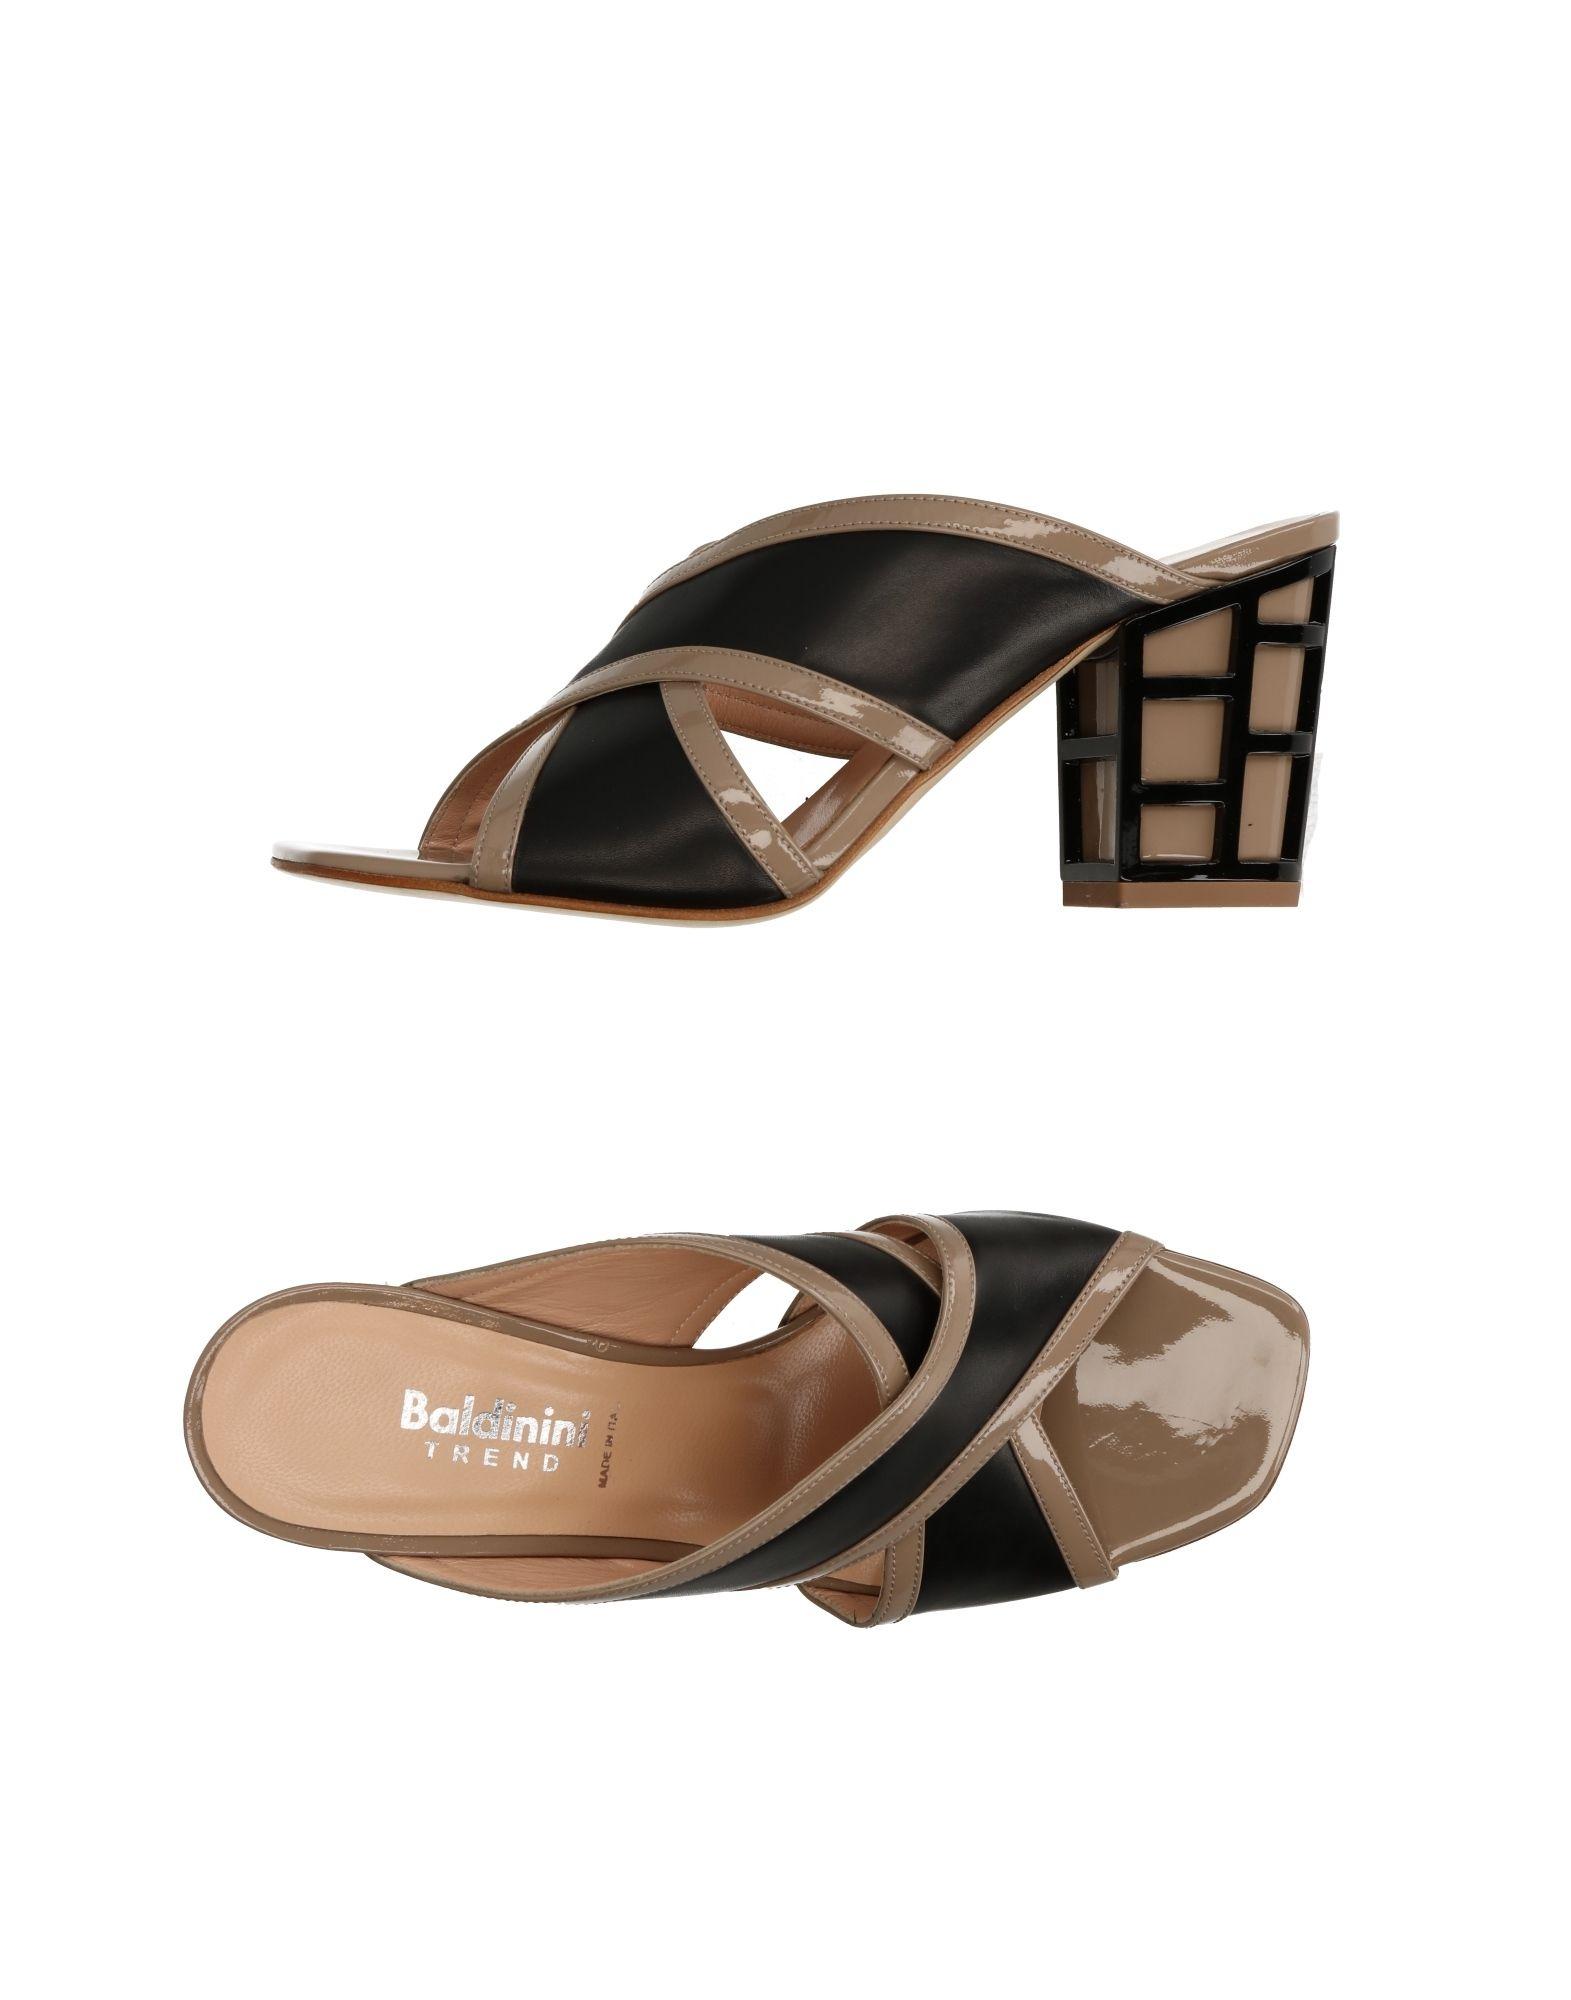 Sandali Baldinini Trend Donna - Acquista online su